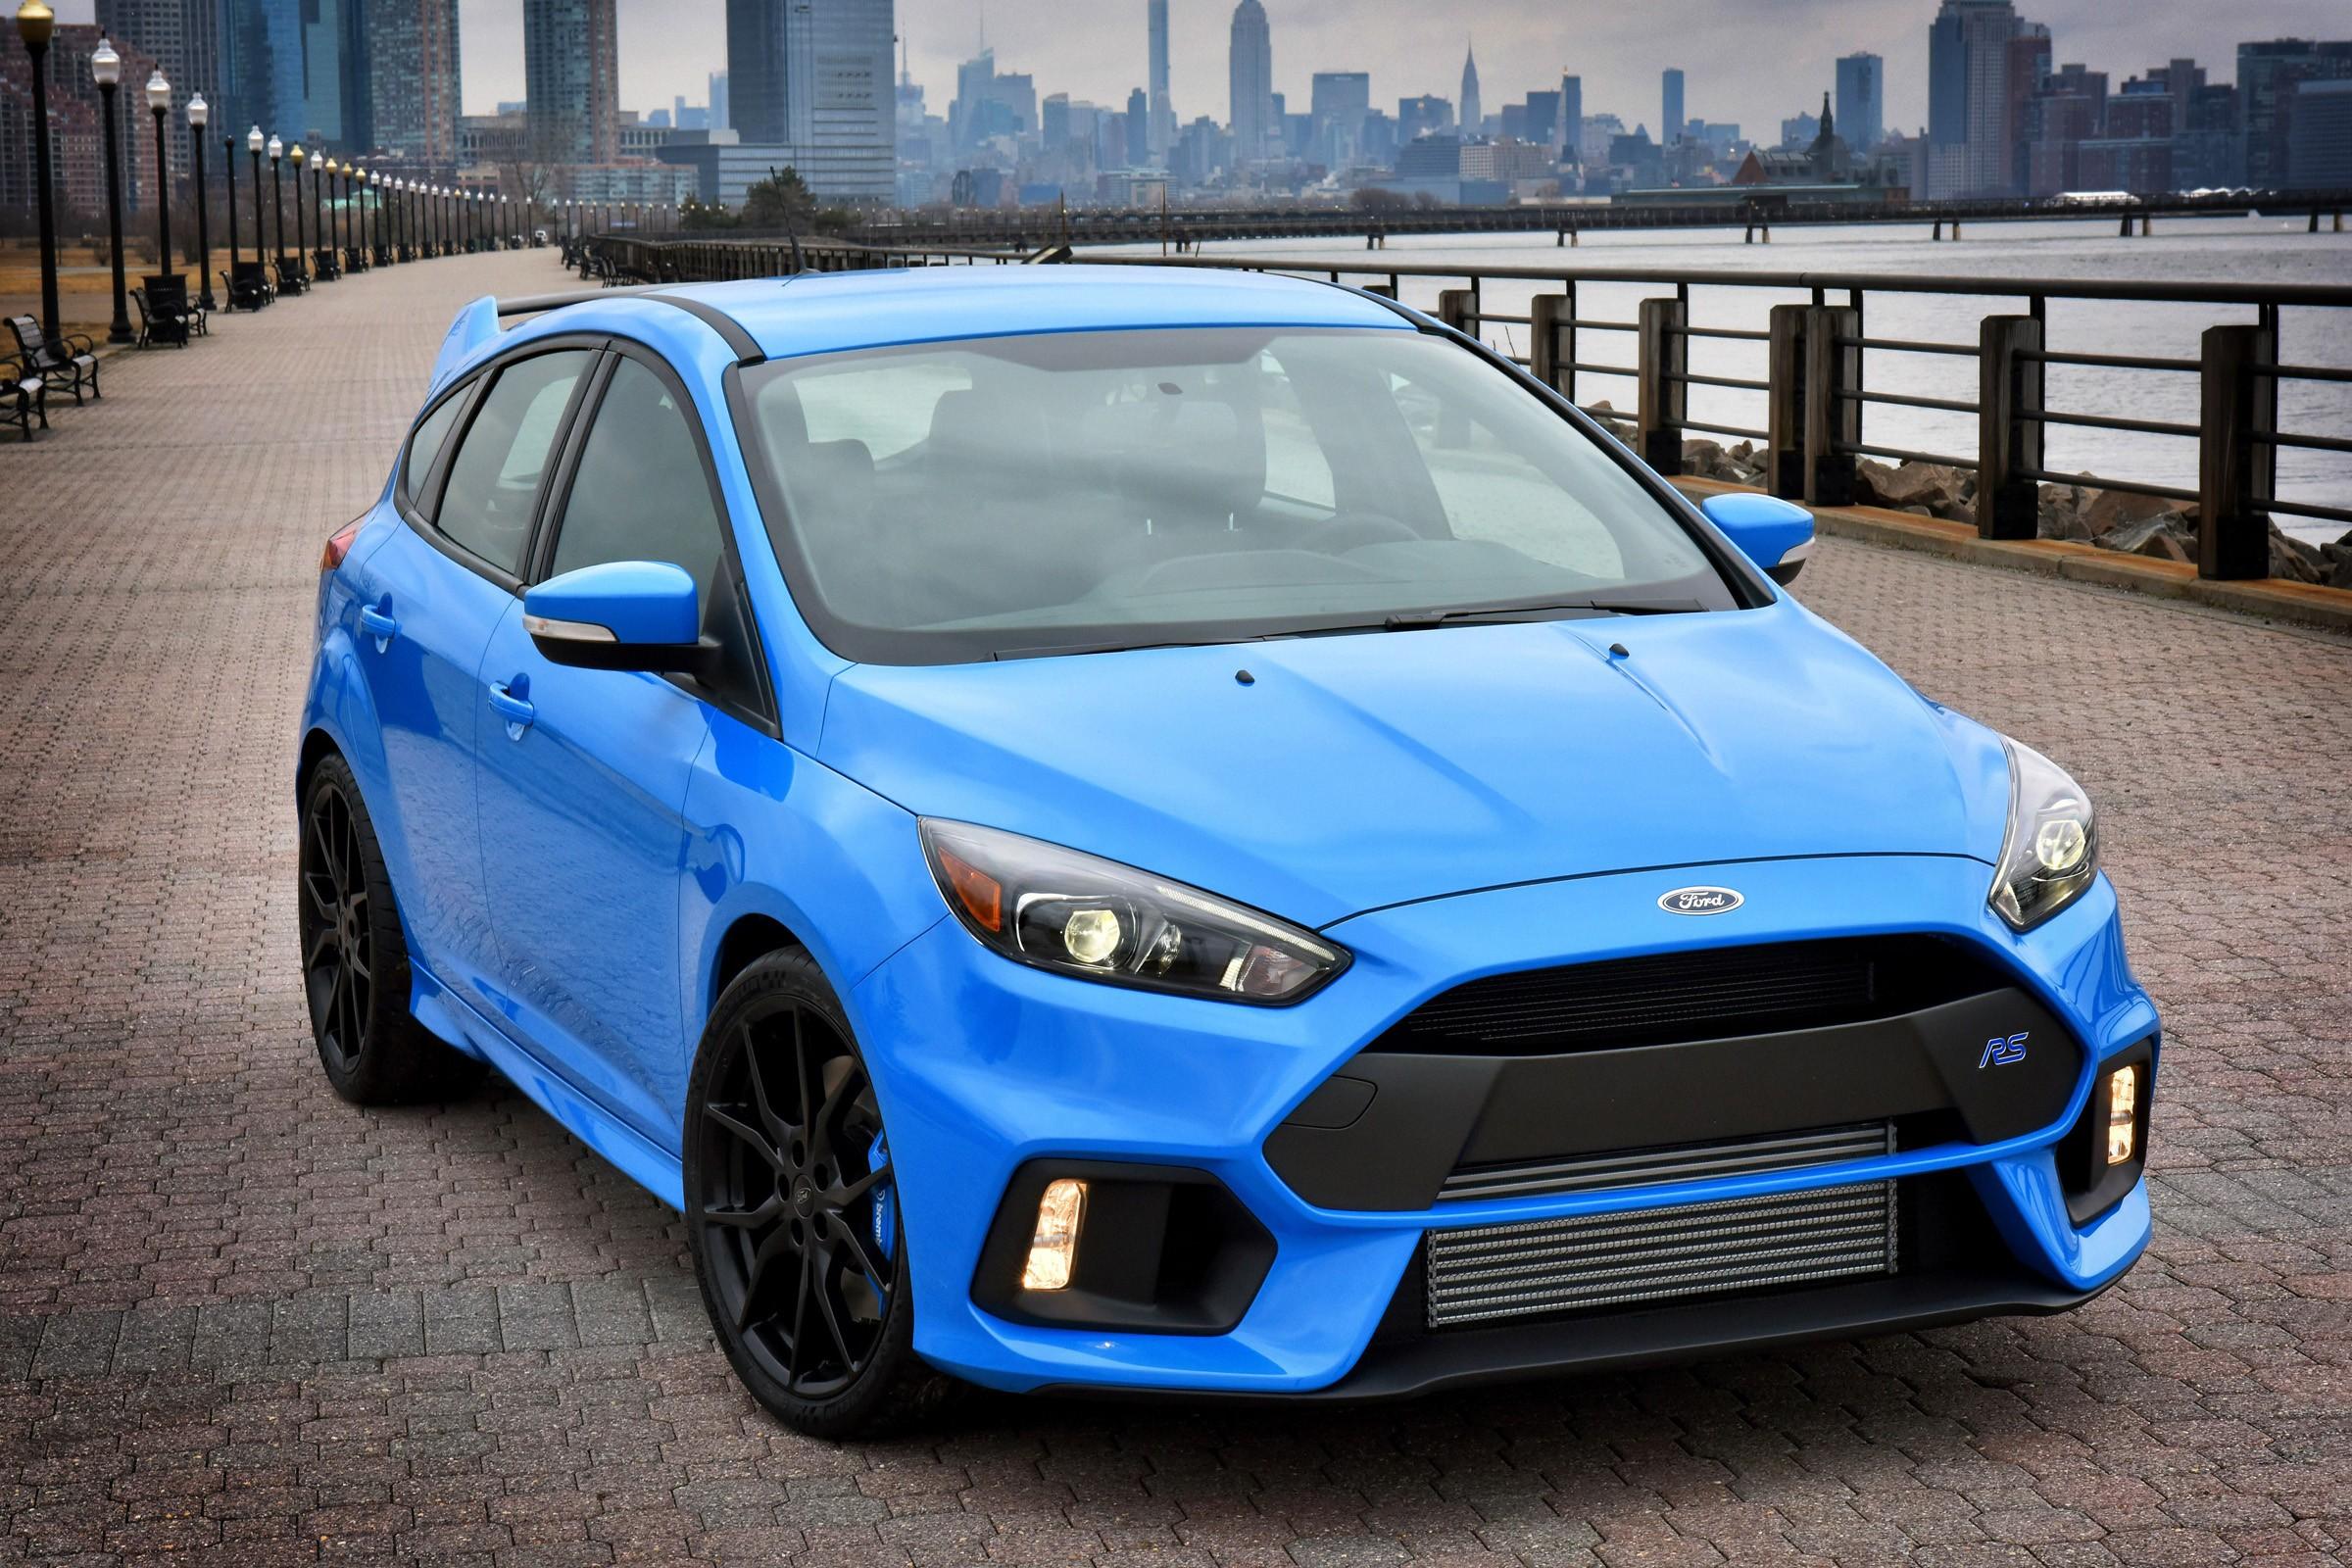 Новый Форд FocusRS получил самую высокую стоимость всегменте